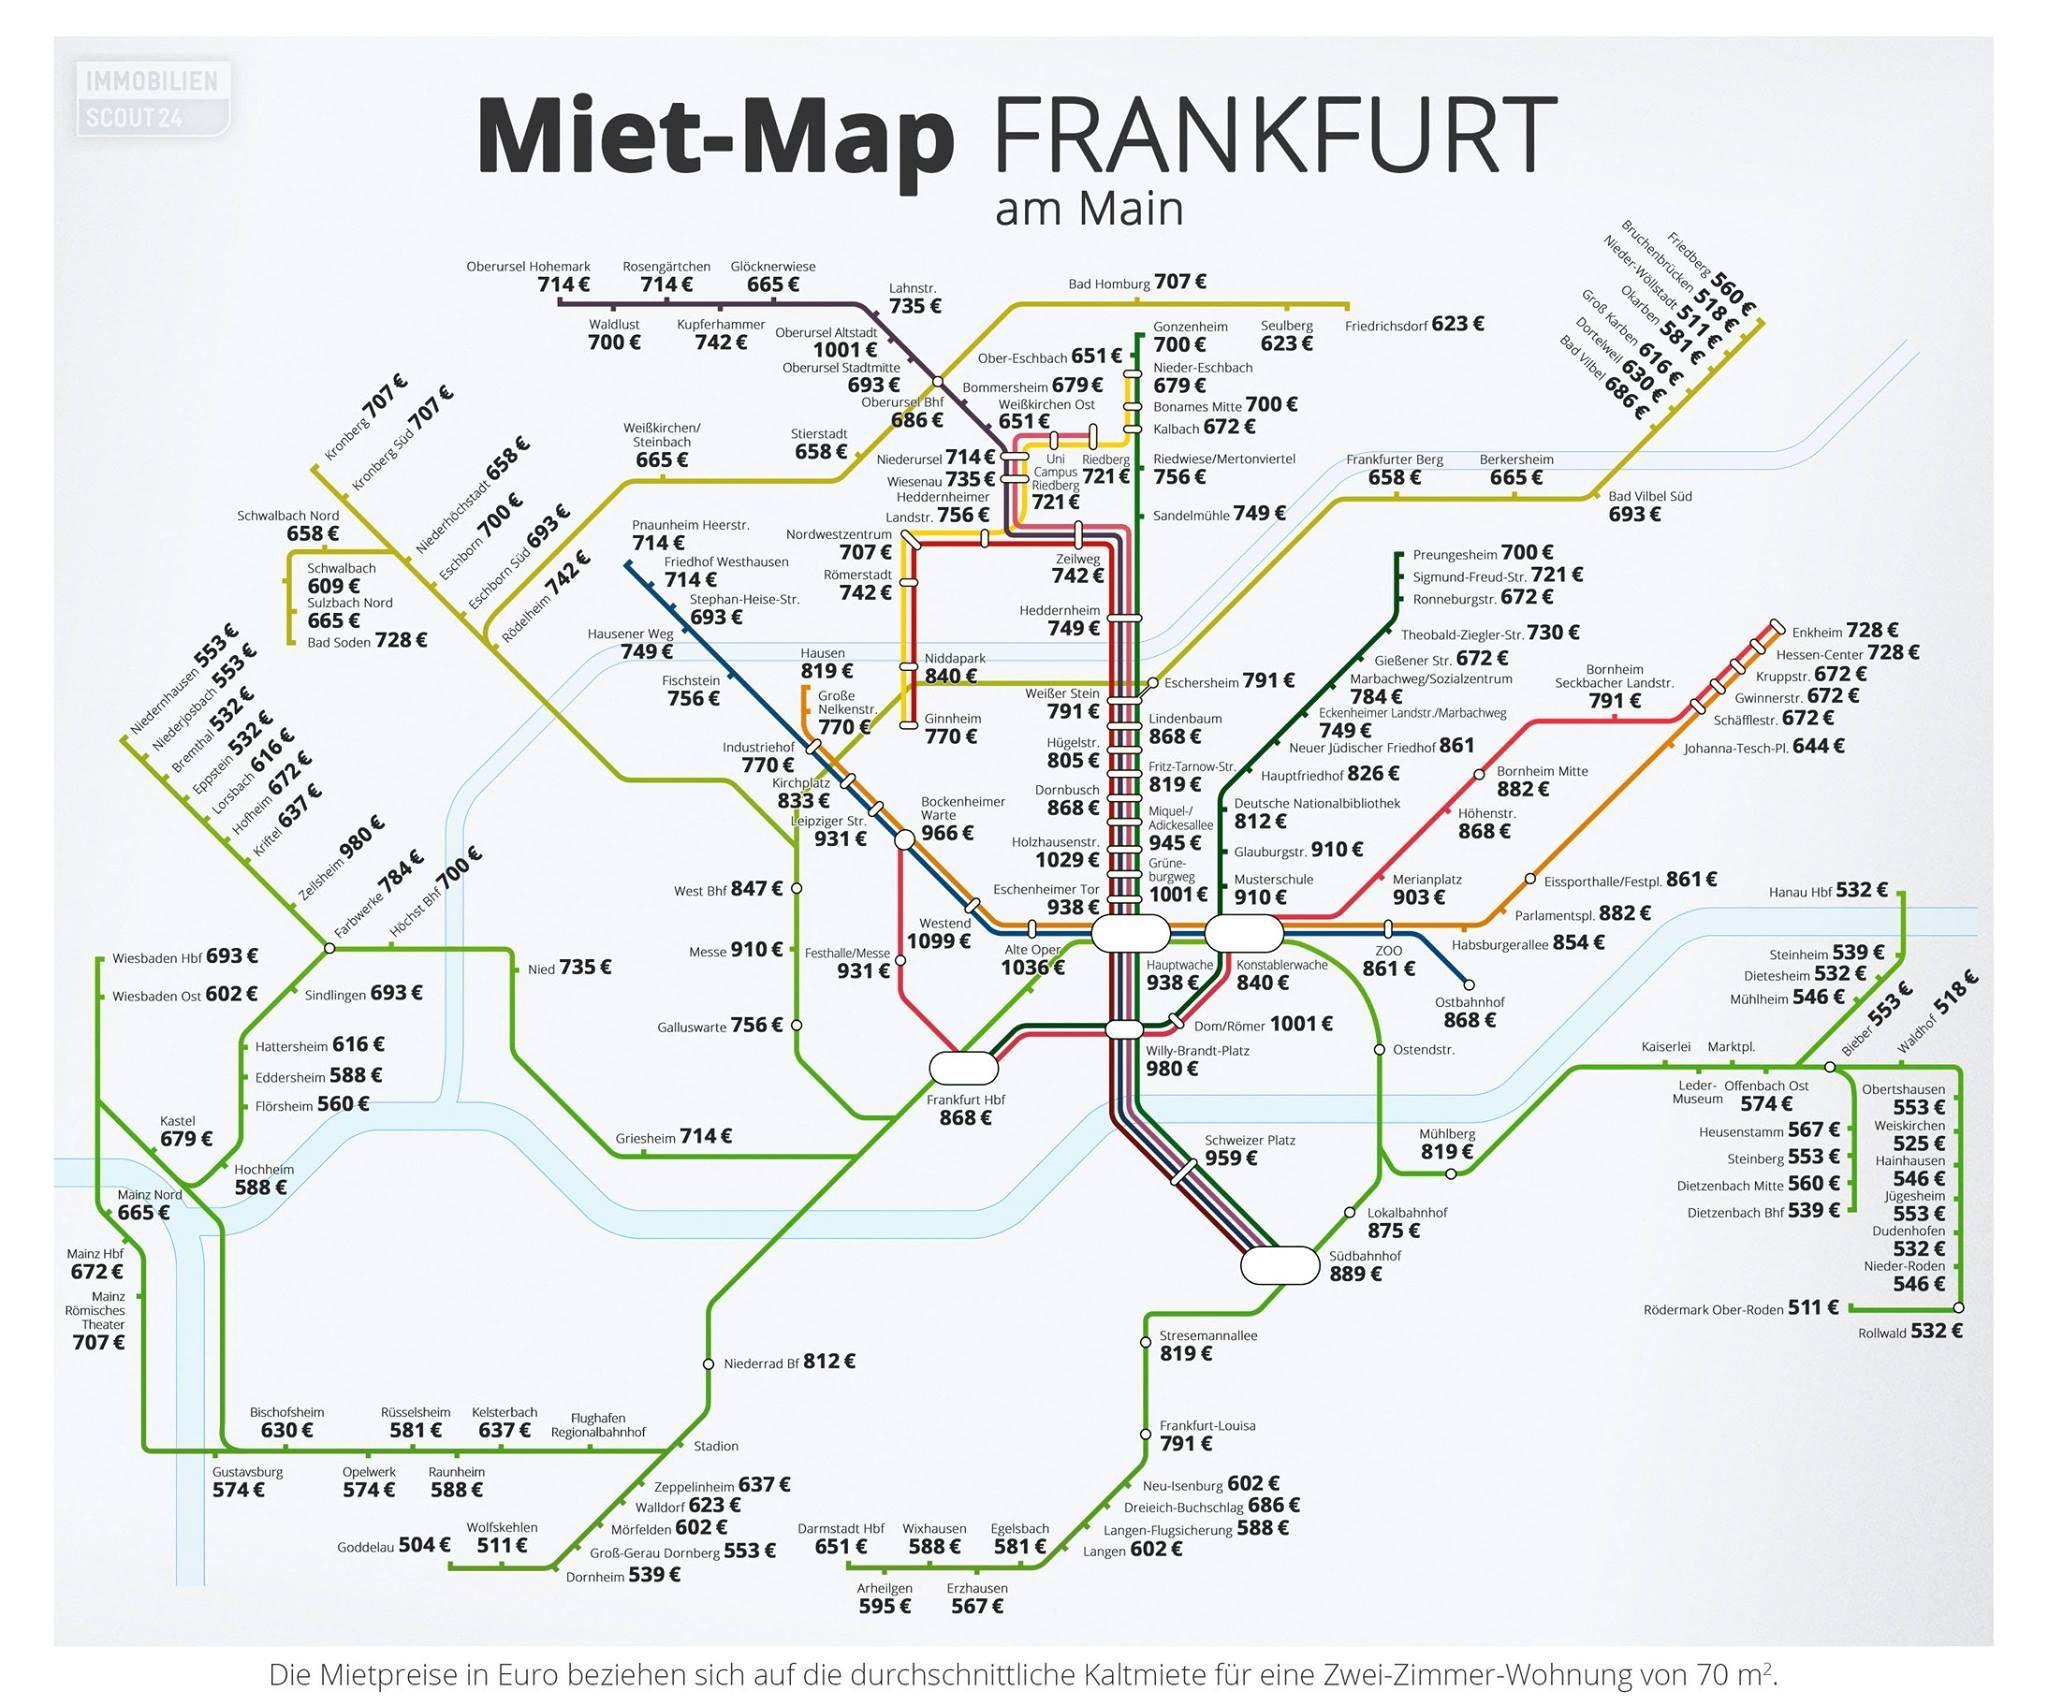 Jetzt Hat Auch Frankfurt Seine Mietmap Entlang Der U Und S